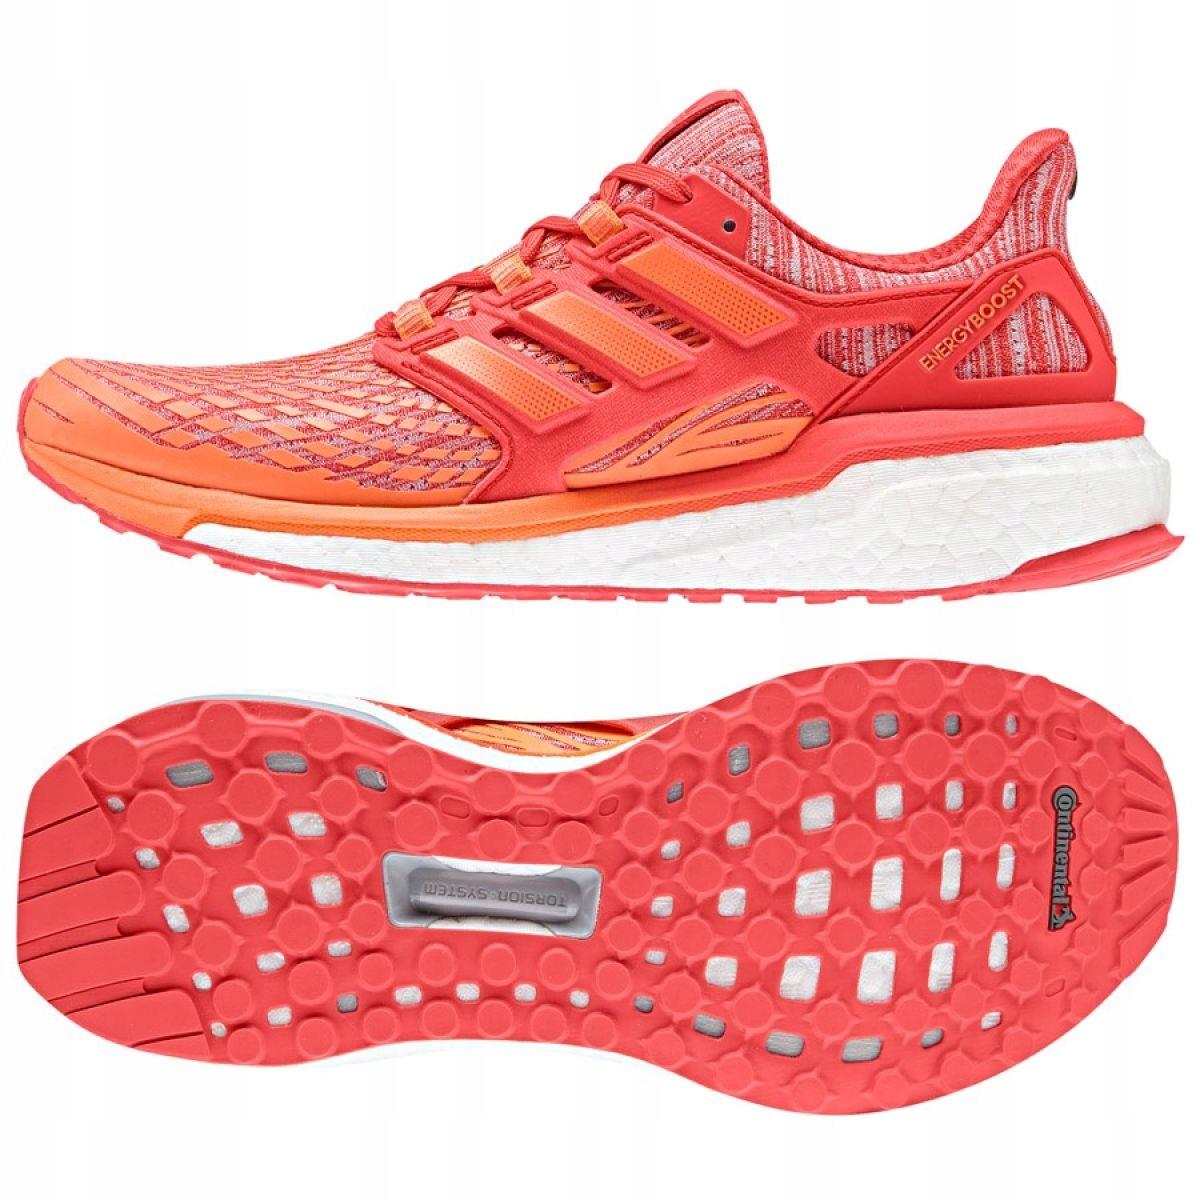 Buty biegowe adidas Energy Boost W CG3969 38 23